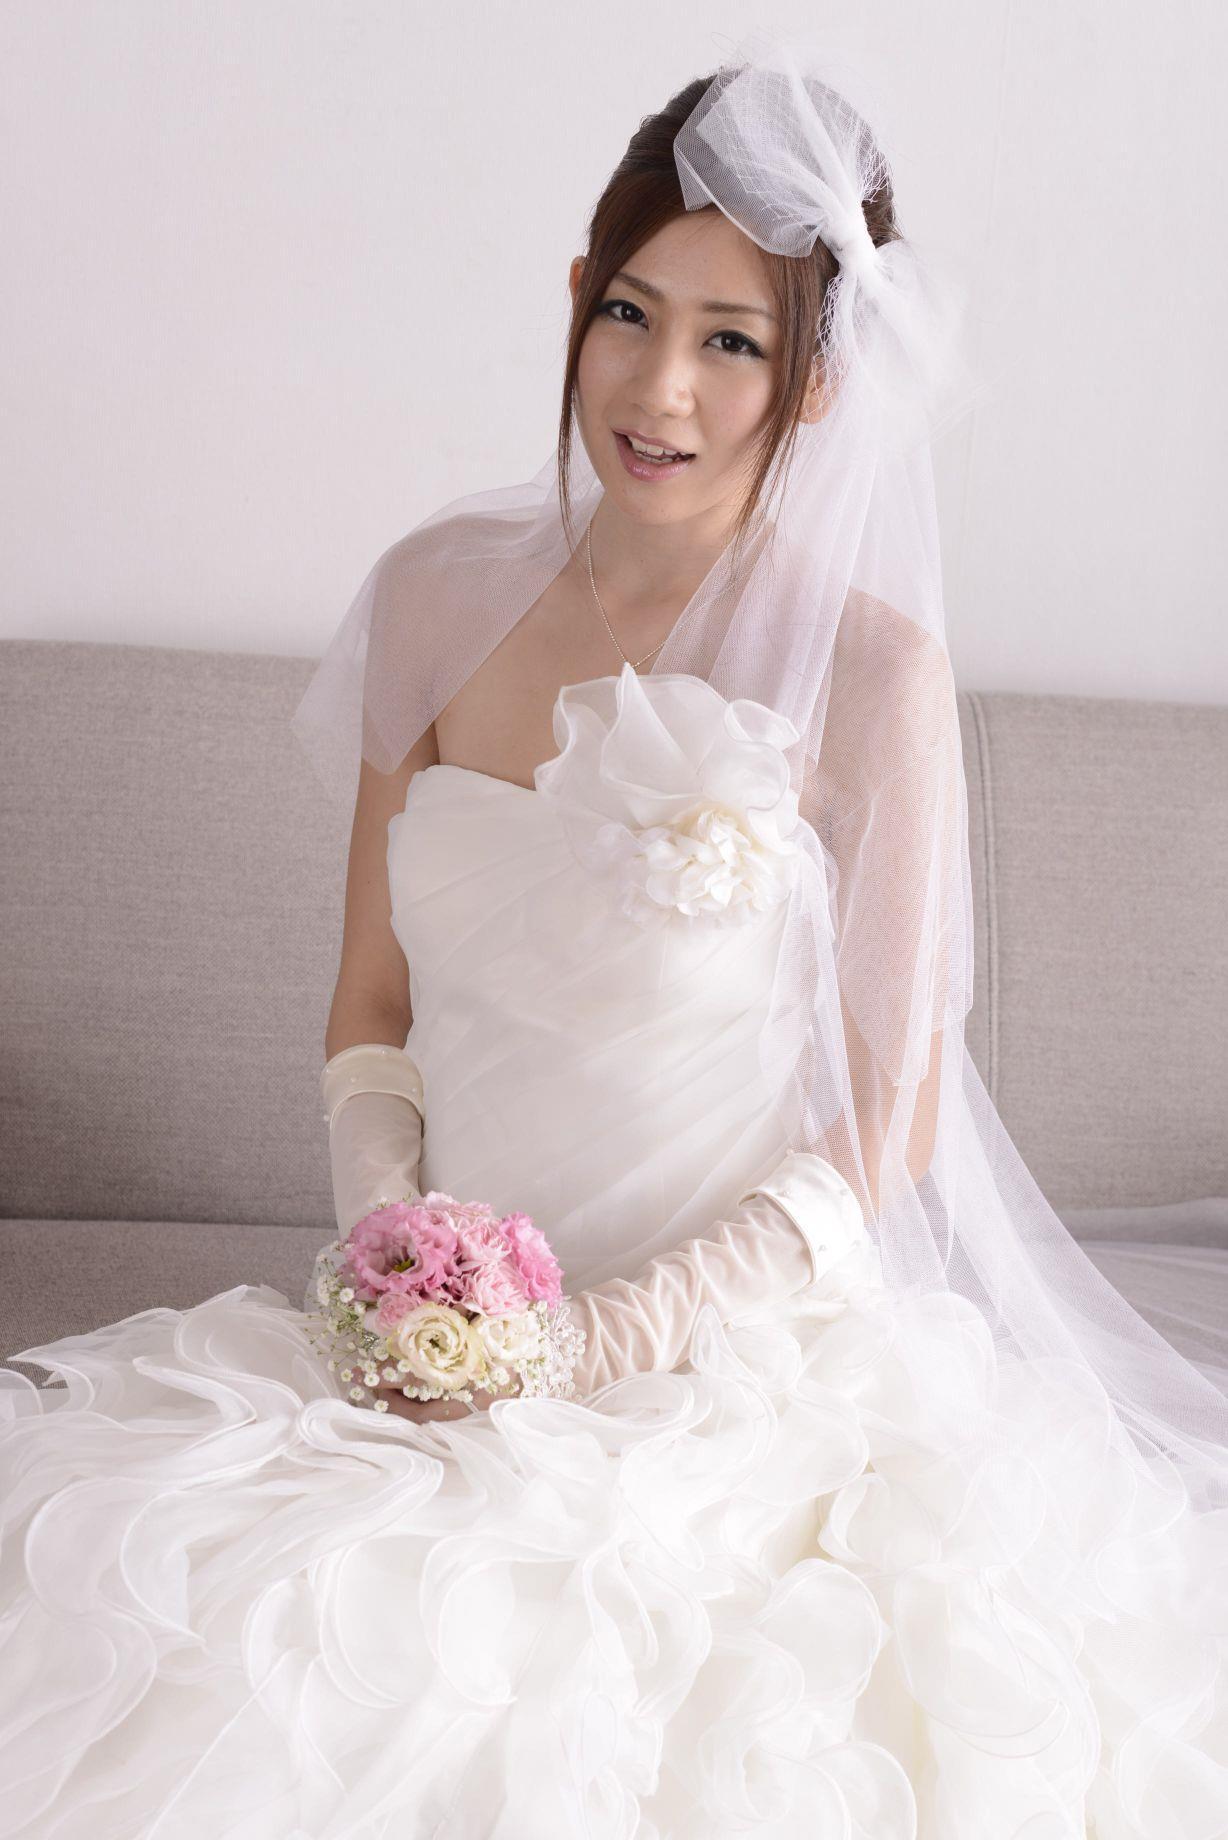 前田かおり ウェディングドレス画像 40